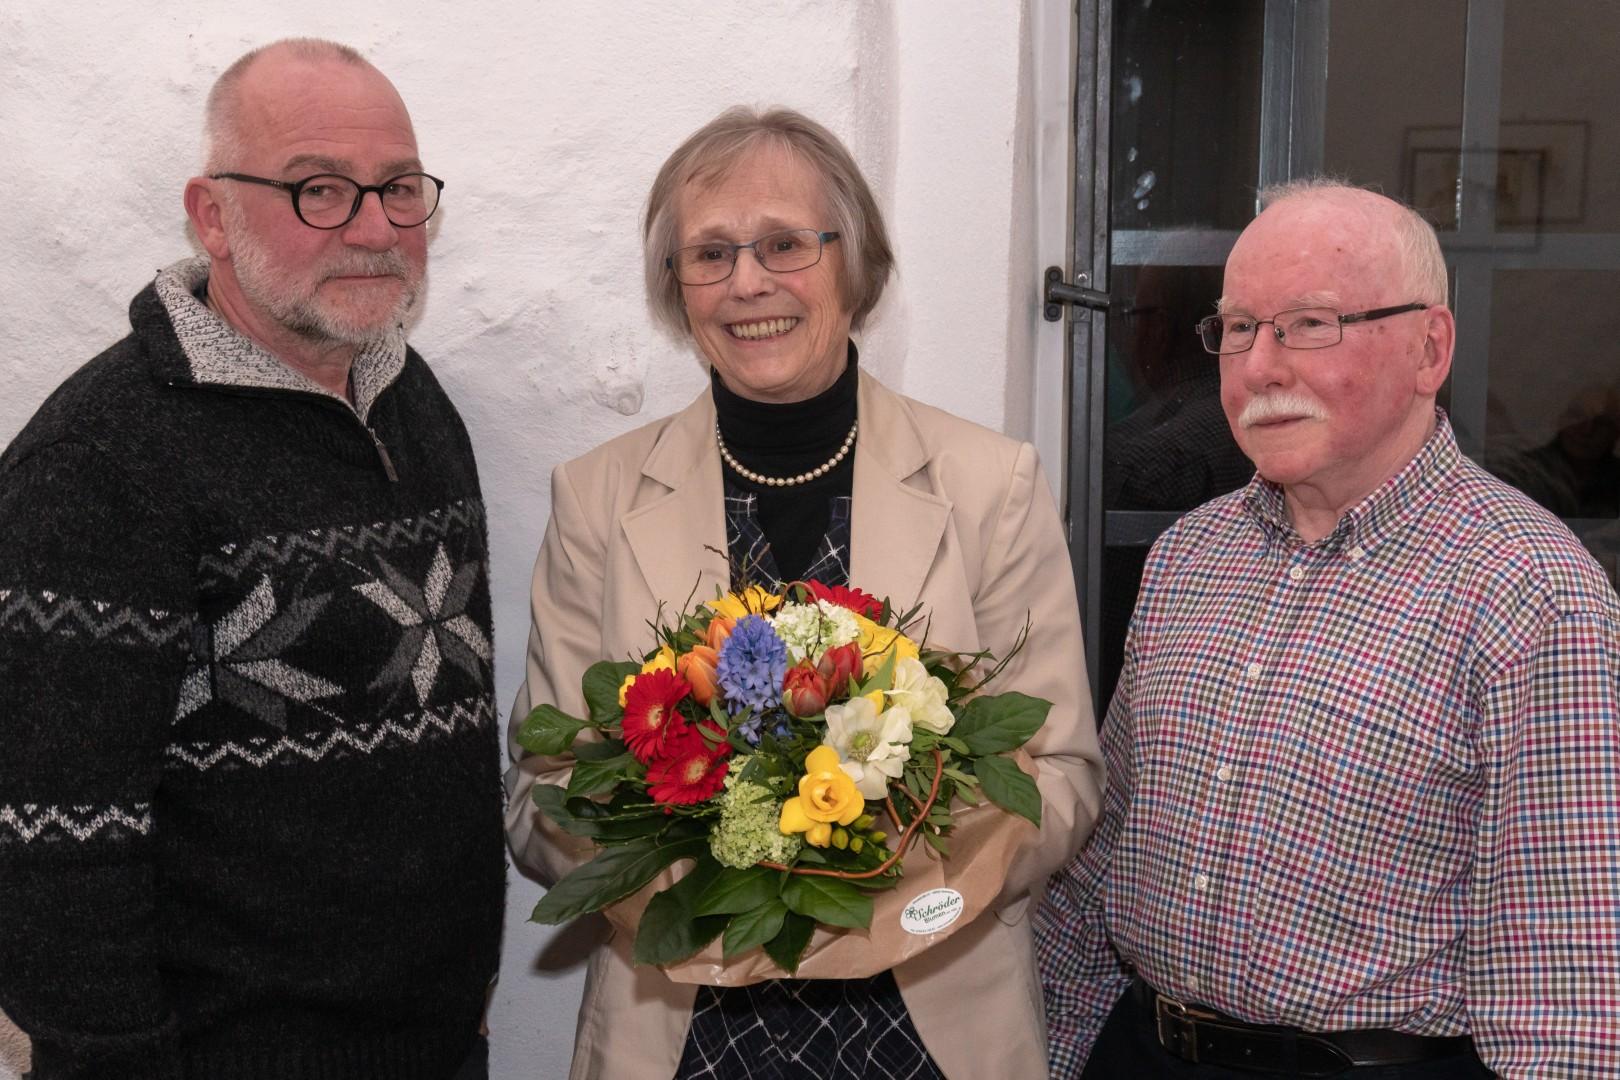 Foto: v.l.n.r.: Thomas Remme (2. Vorsitzender), Karin Bormann (scheidende langjährige 1. Vorsitzende), Dr. Reinhard Röttenbacher (1. Vorsitzender)